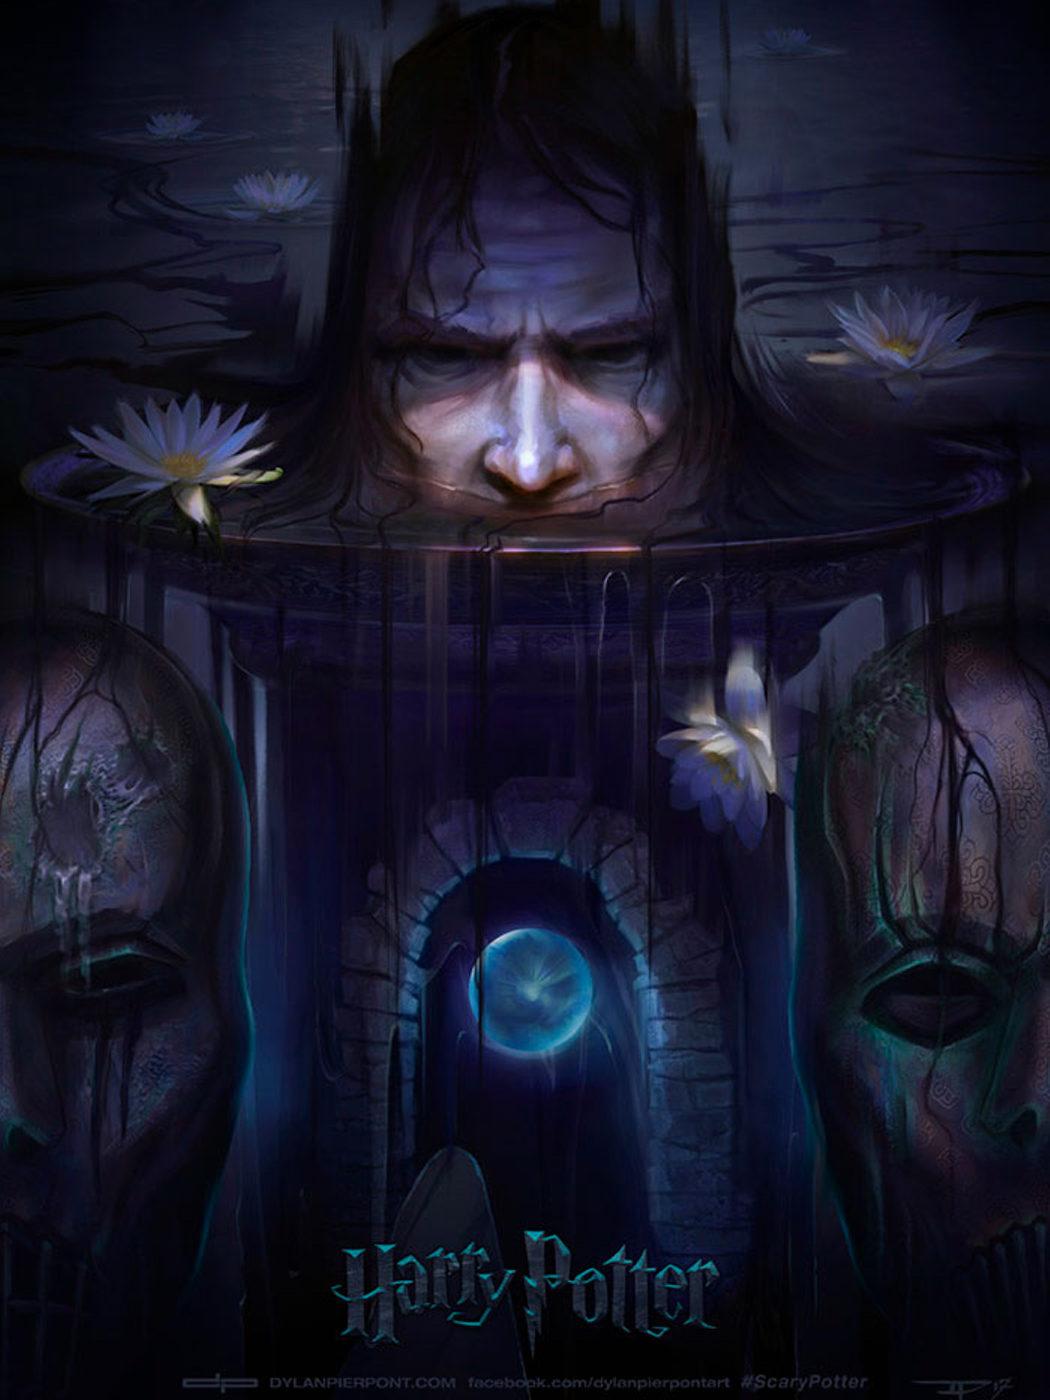 Scary Potter y La Orden del Fénix